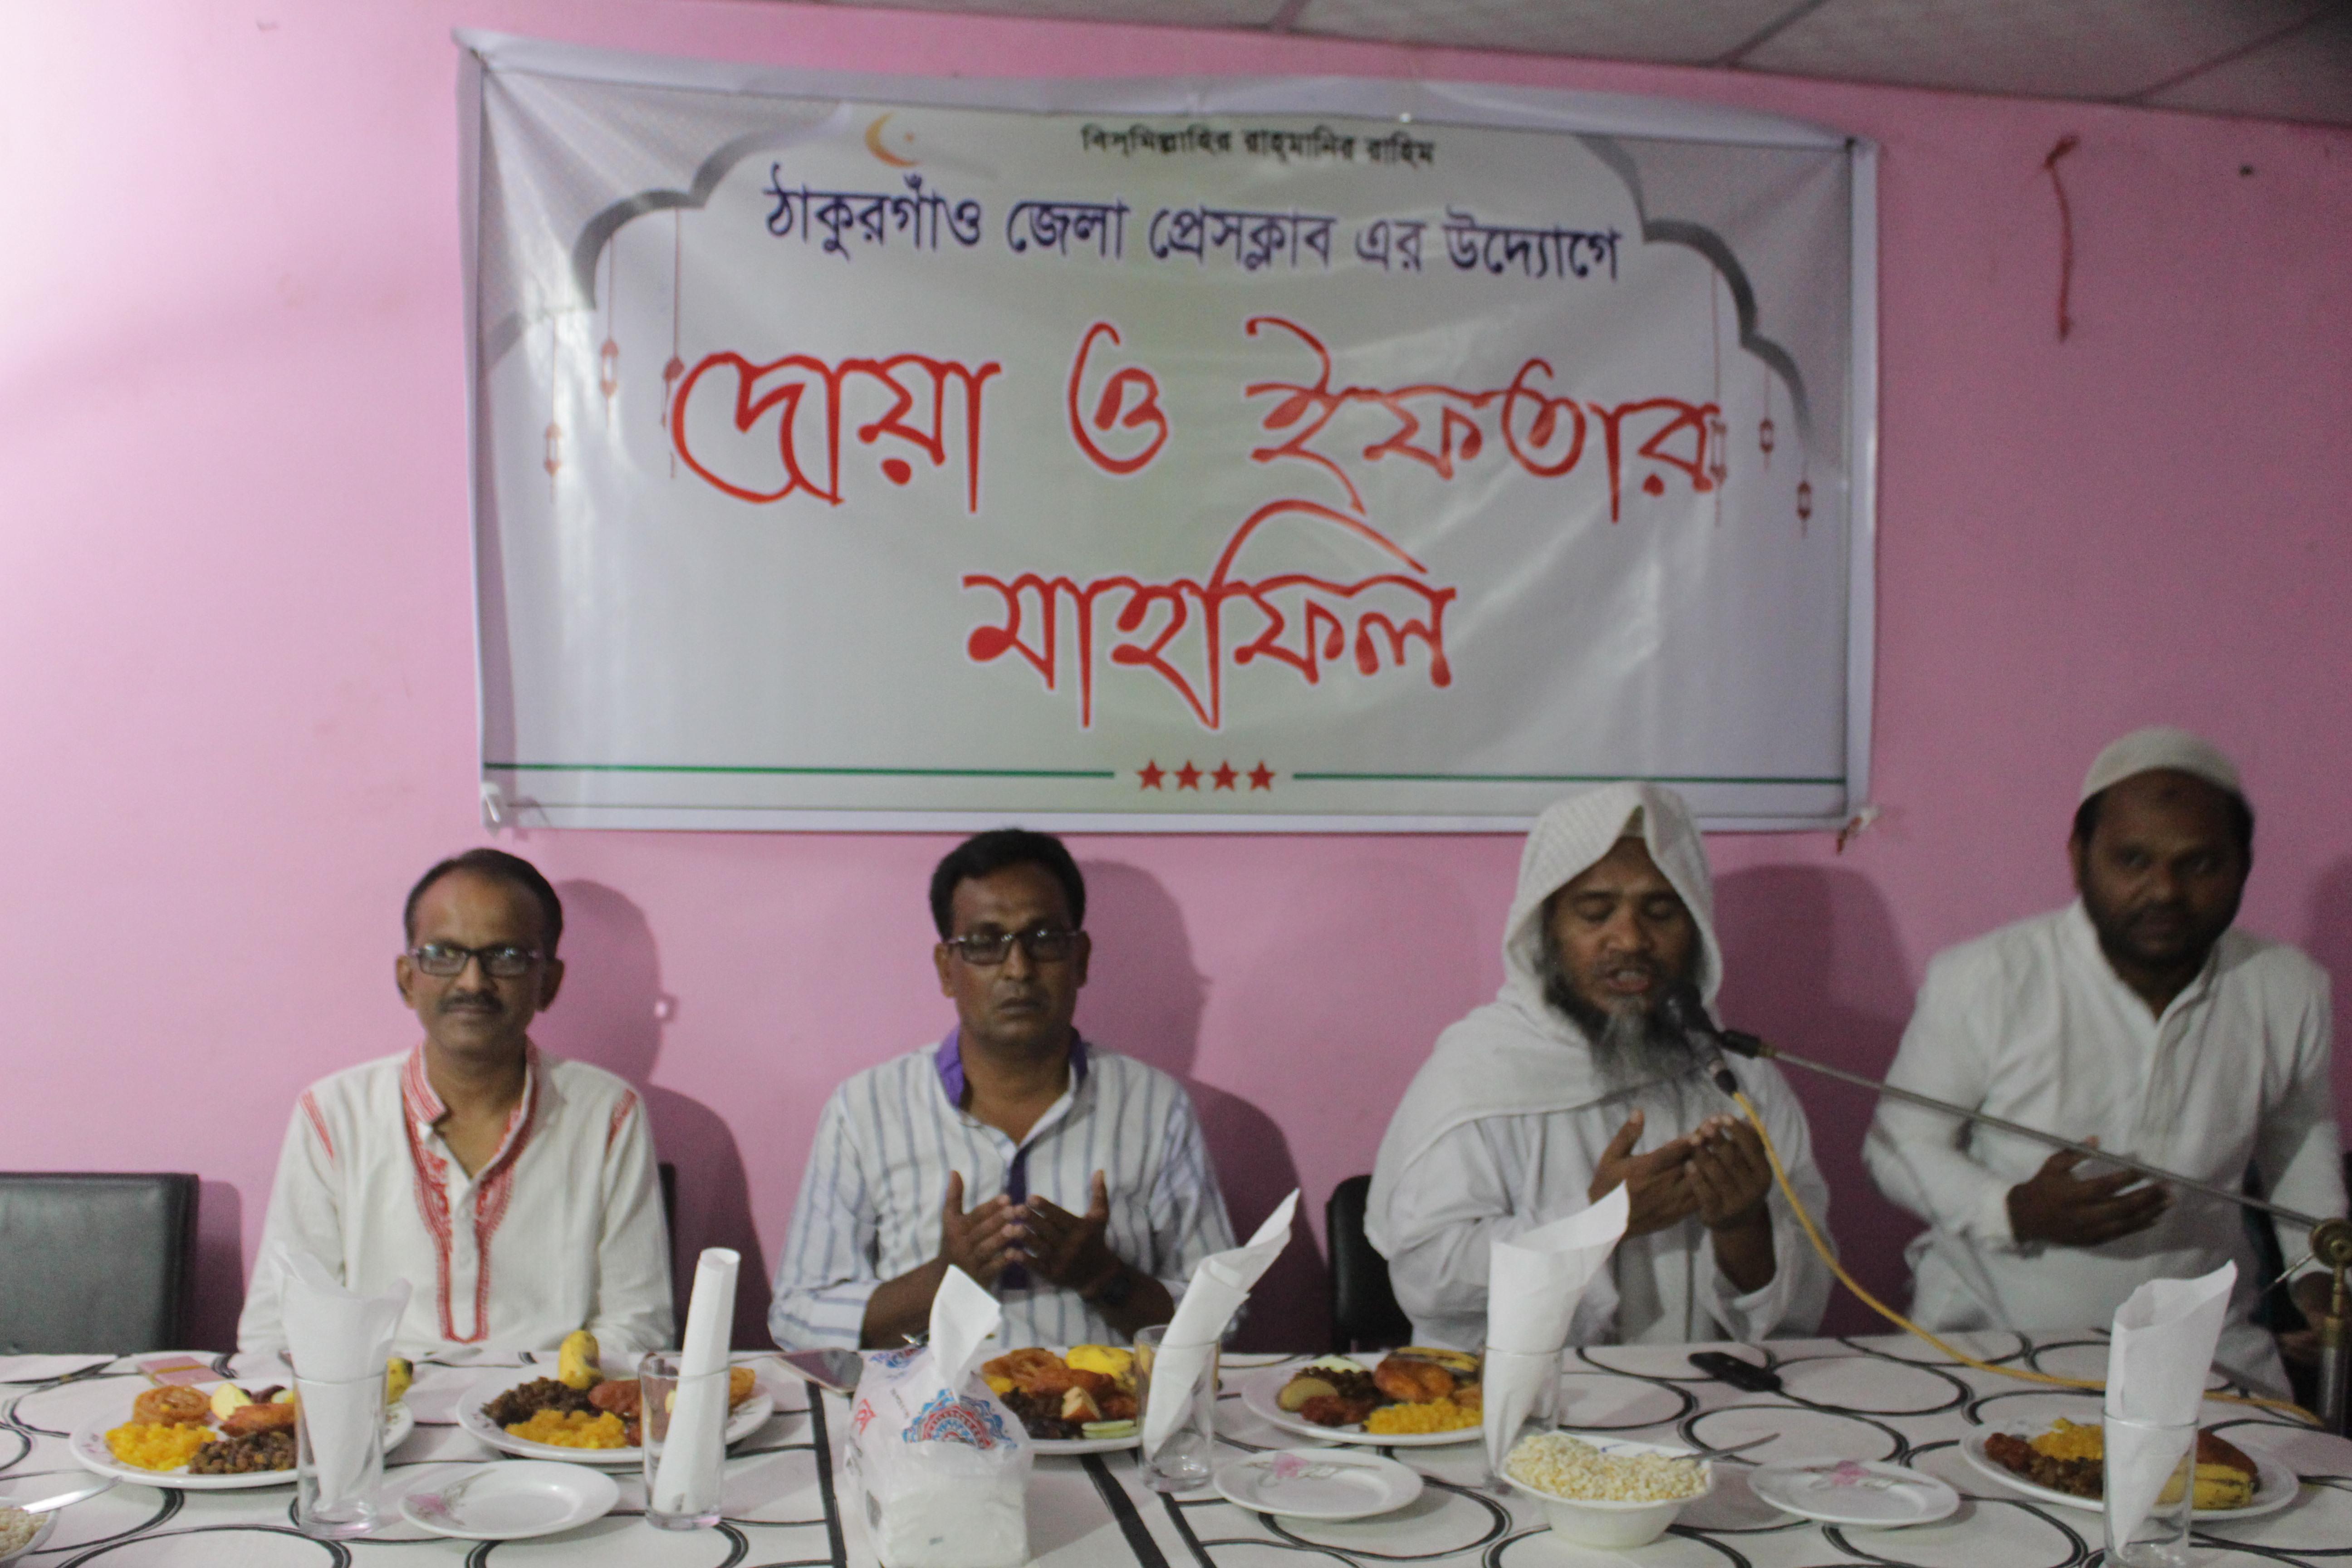 ঠাকুরগাঁও জেলা প্রেসক্লাবের দোয়া ও ইফতার মাহফিল অনুষ্ঠিত